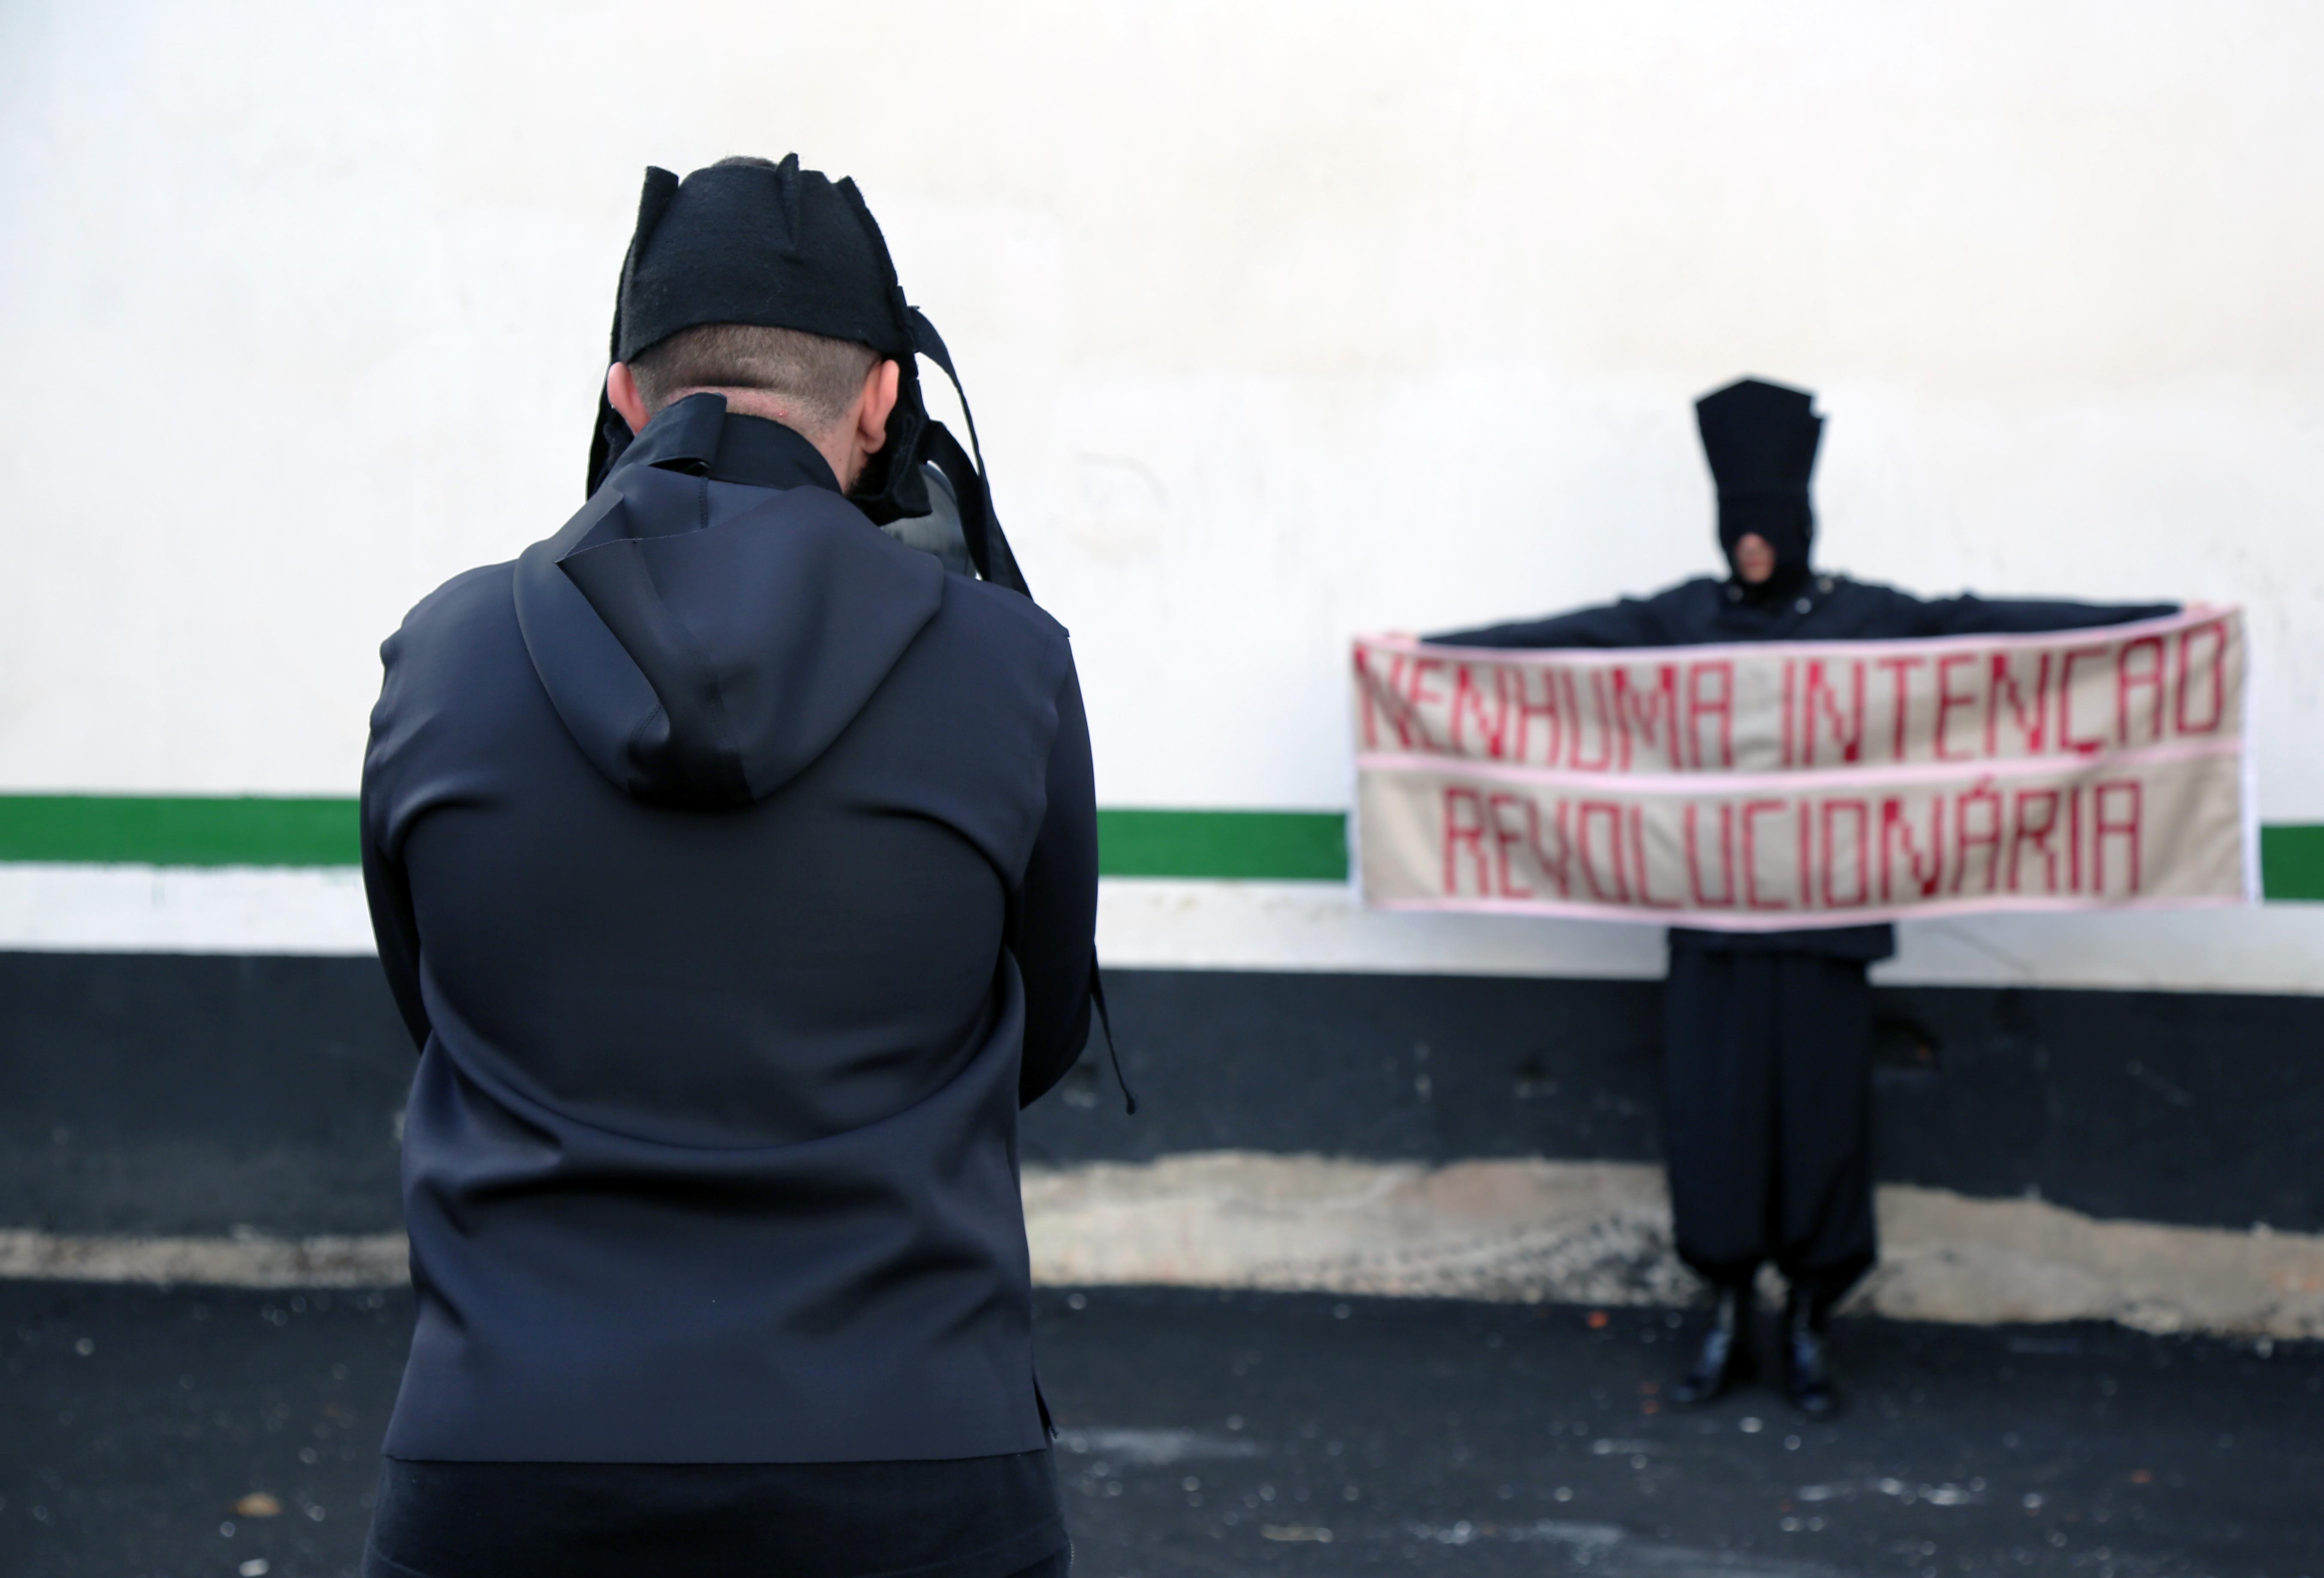 Terra Falsa - Bruno Mendonça & Felipe Caprestano Nenhuma Intenção Revolucionária 2